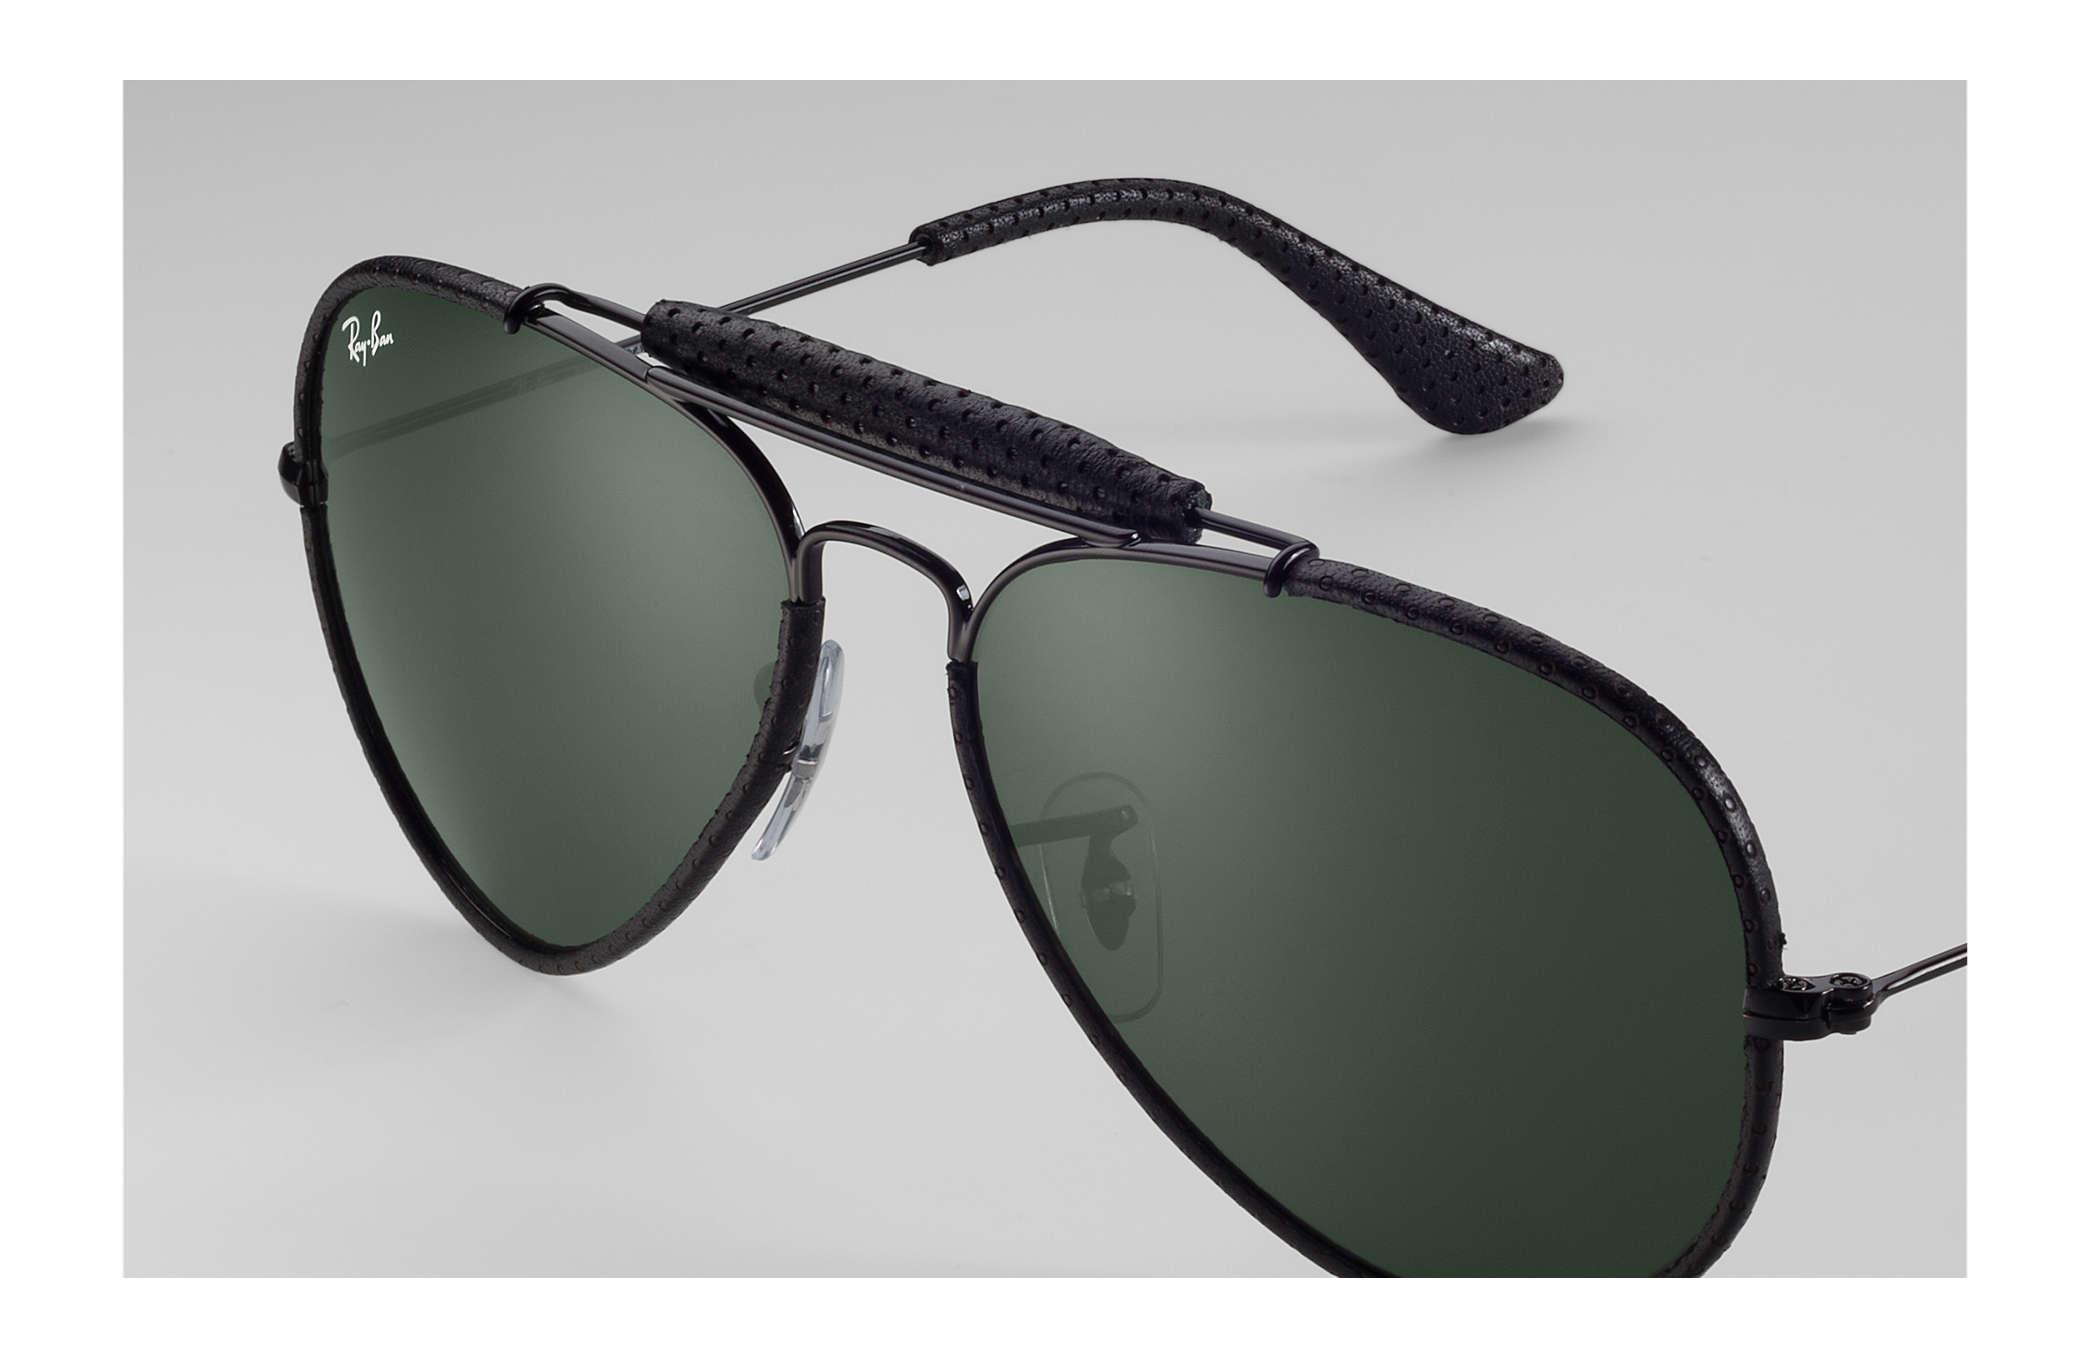 e1a28133e Ray-Ban Outdoorsman Craft RB3422Q Black - Metal - Green Lenses ...